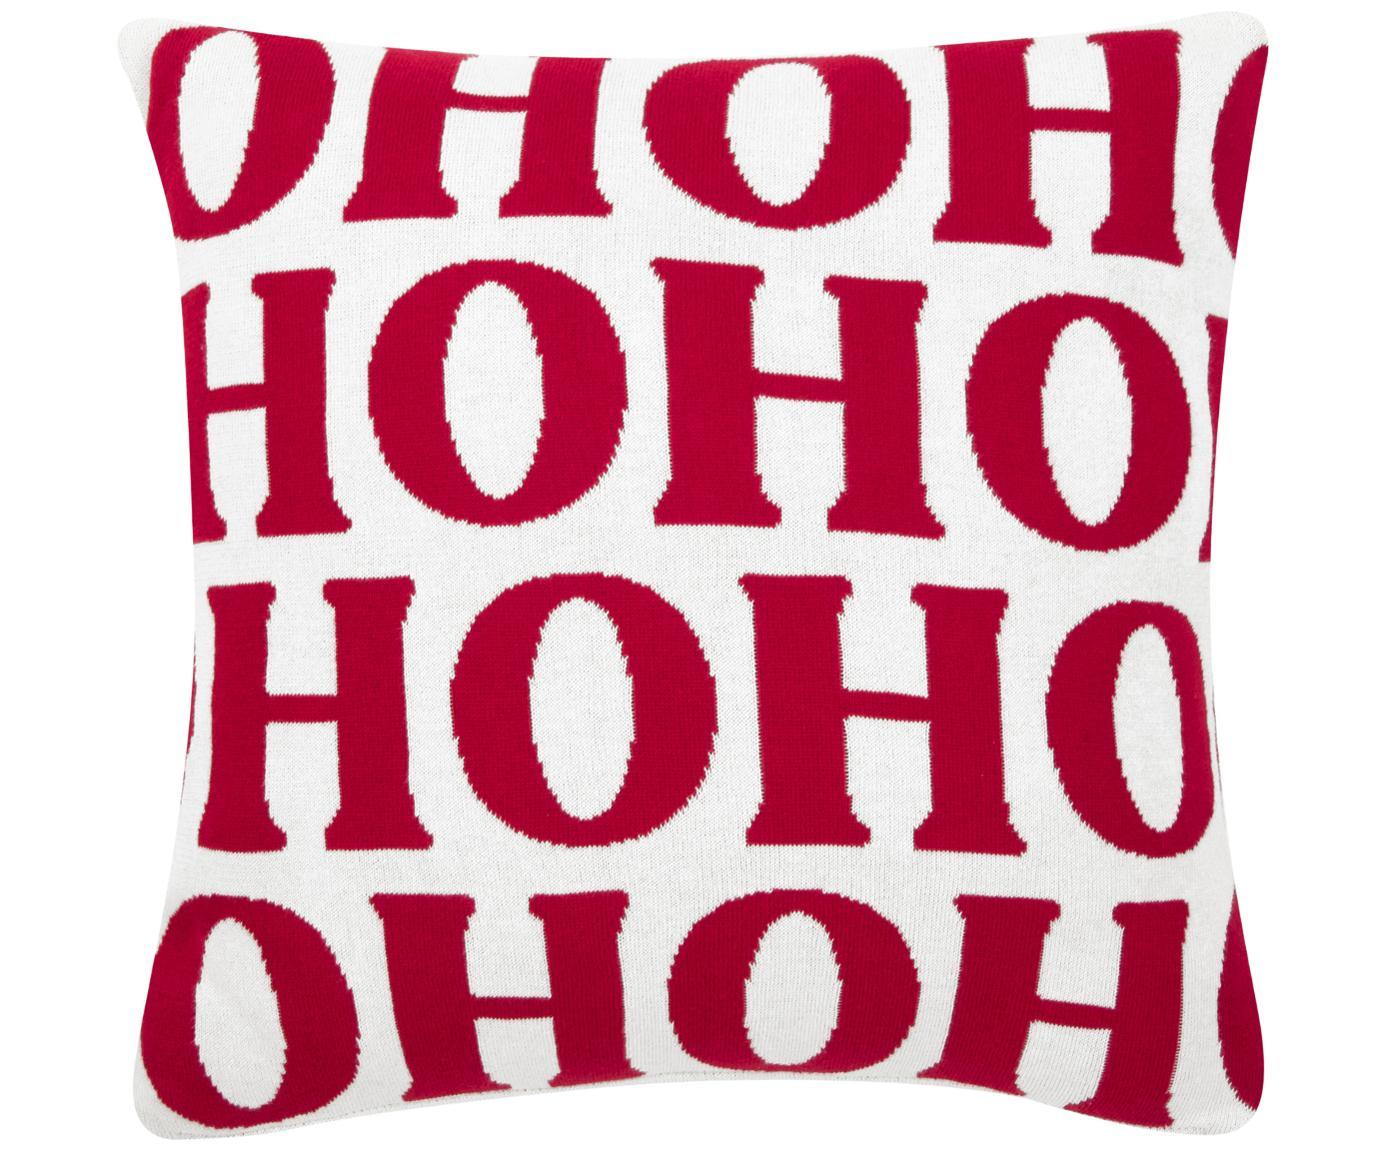 Kussenhoes Ho ho ho, 100% katoen, Crèmewit, rood, 45 x 45 cm